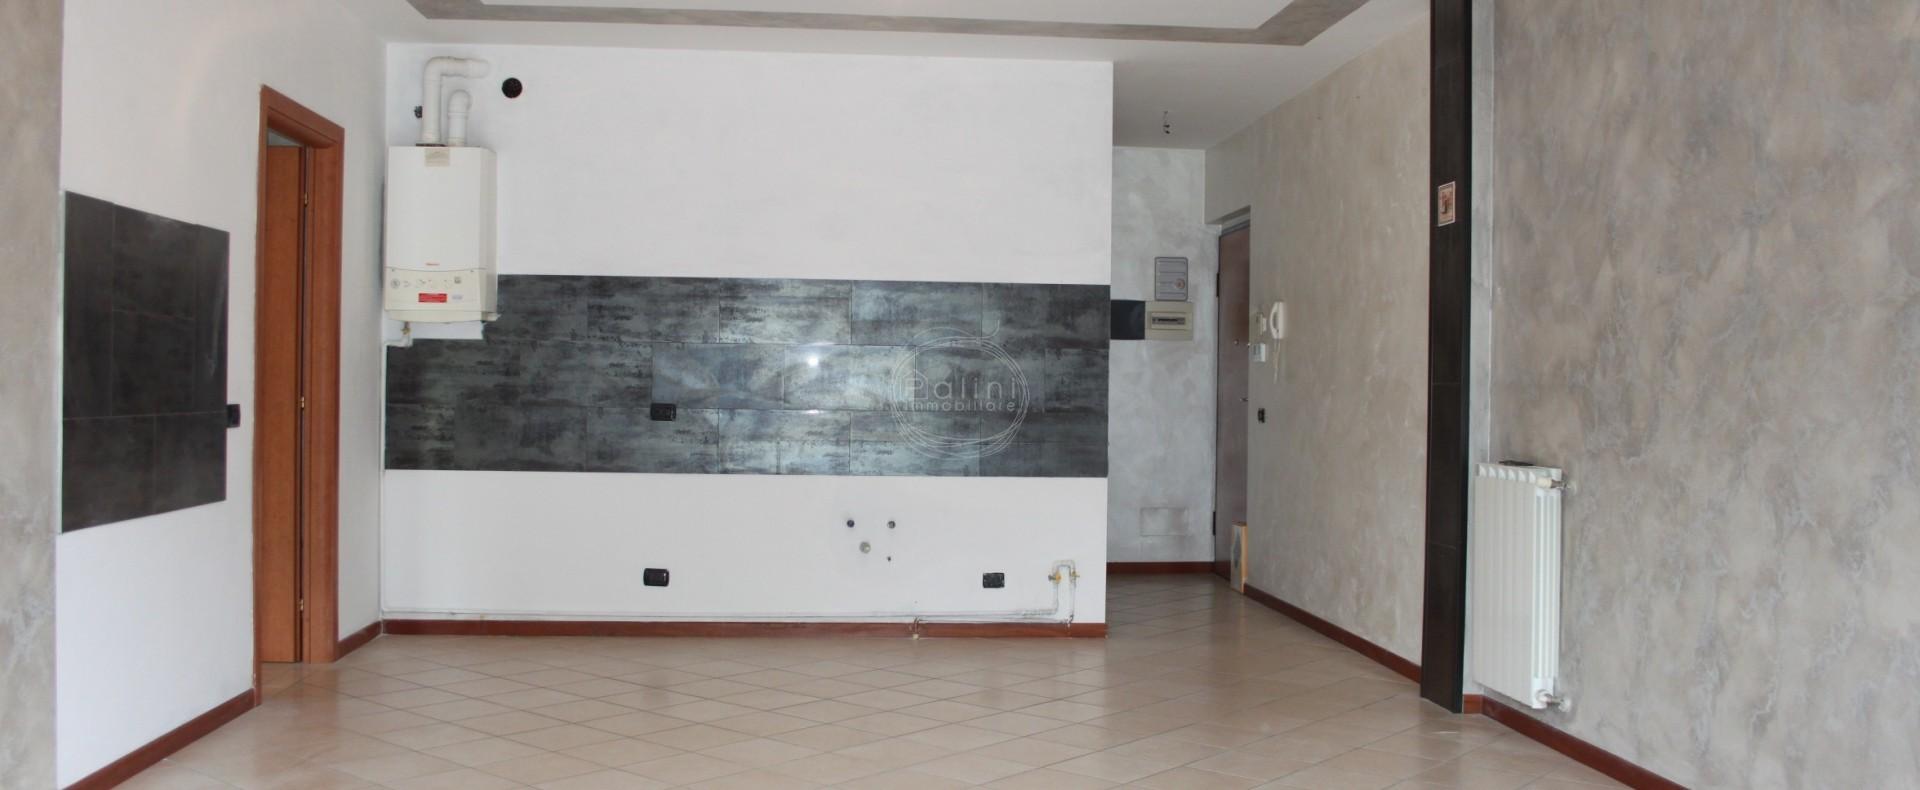 PALINI IMMOBILIARE VENDE BILOCALE 89000 9